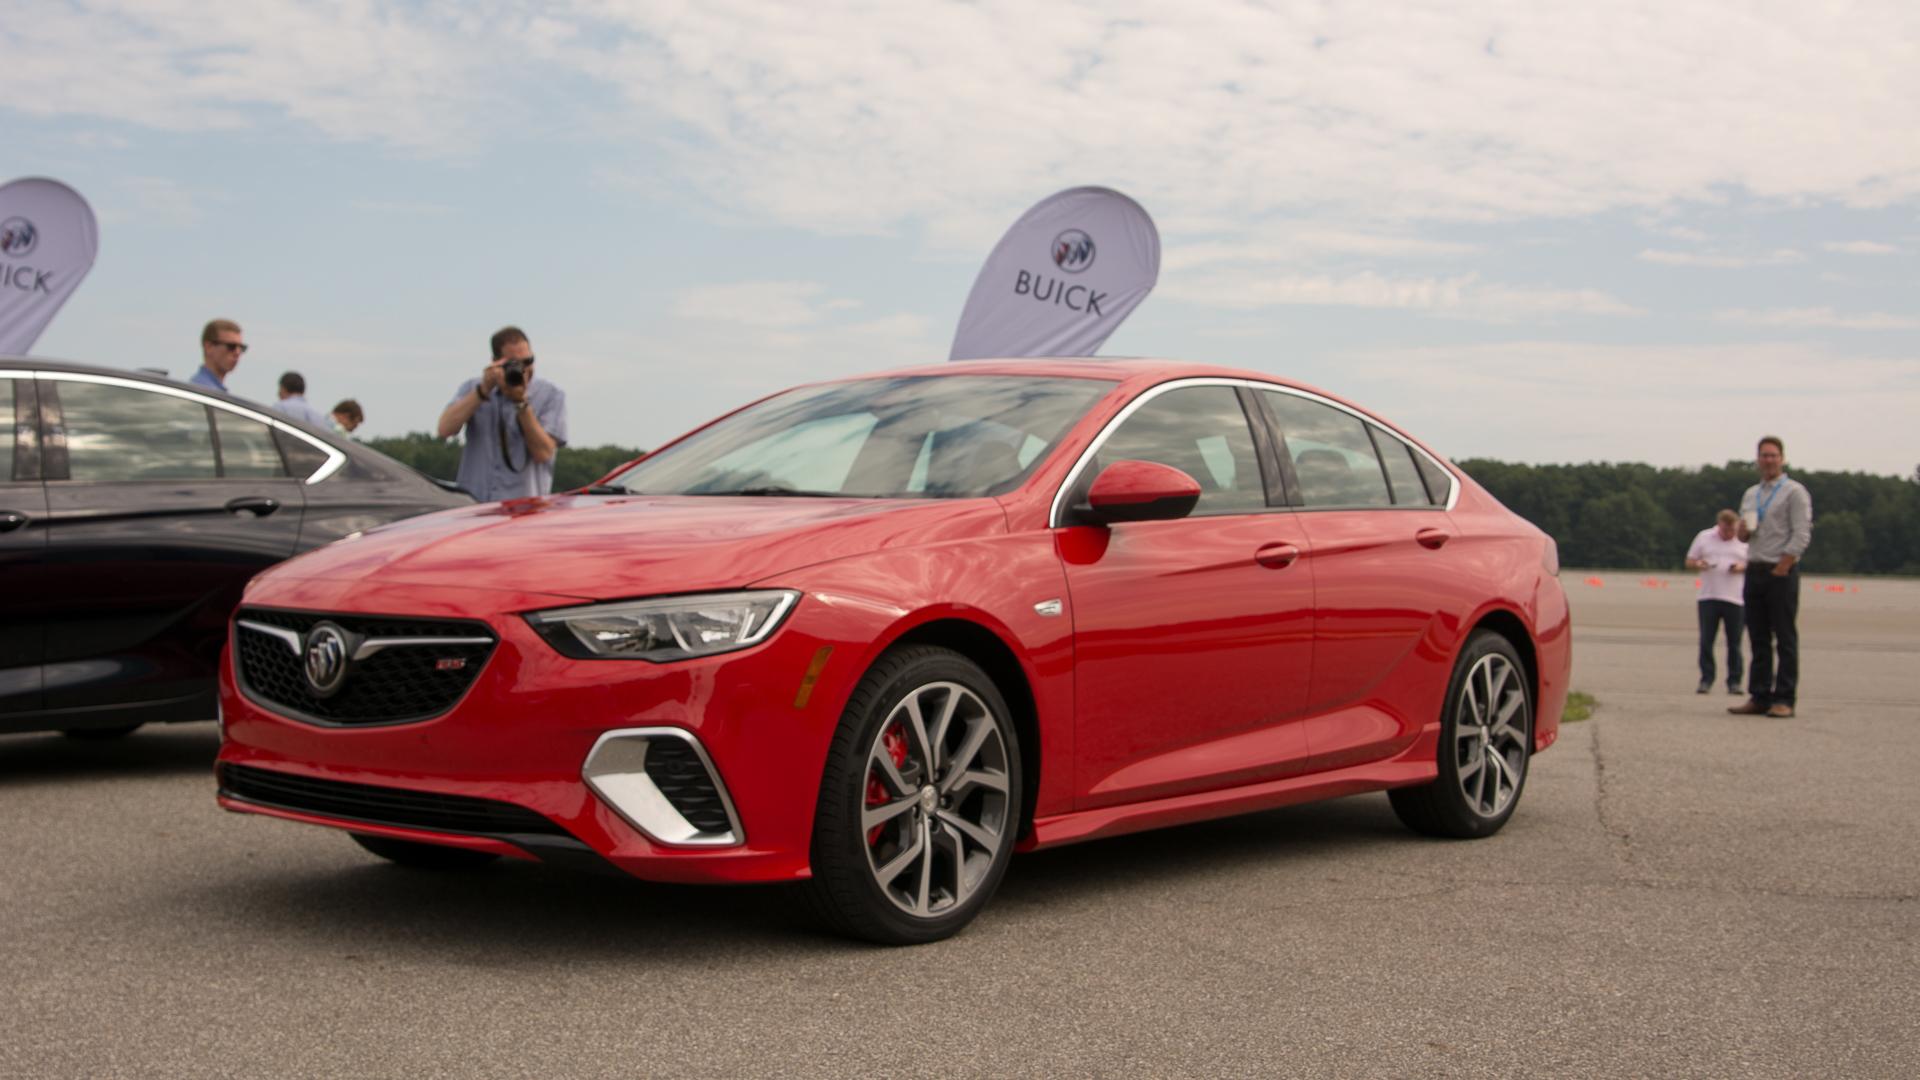 2018 Buick Regal GS debut